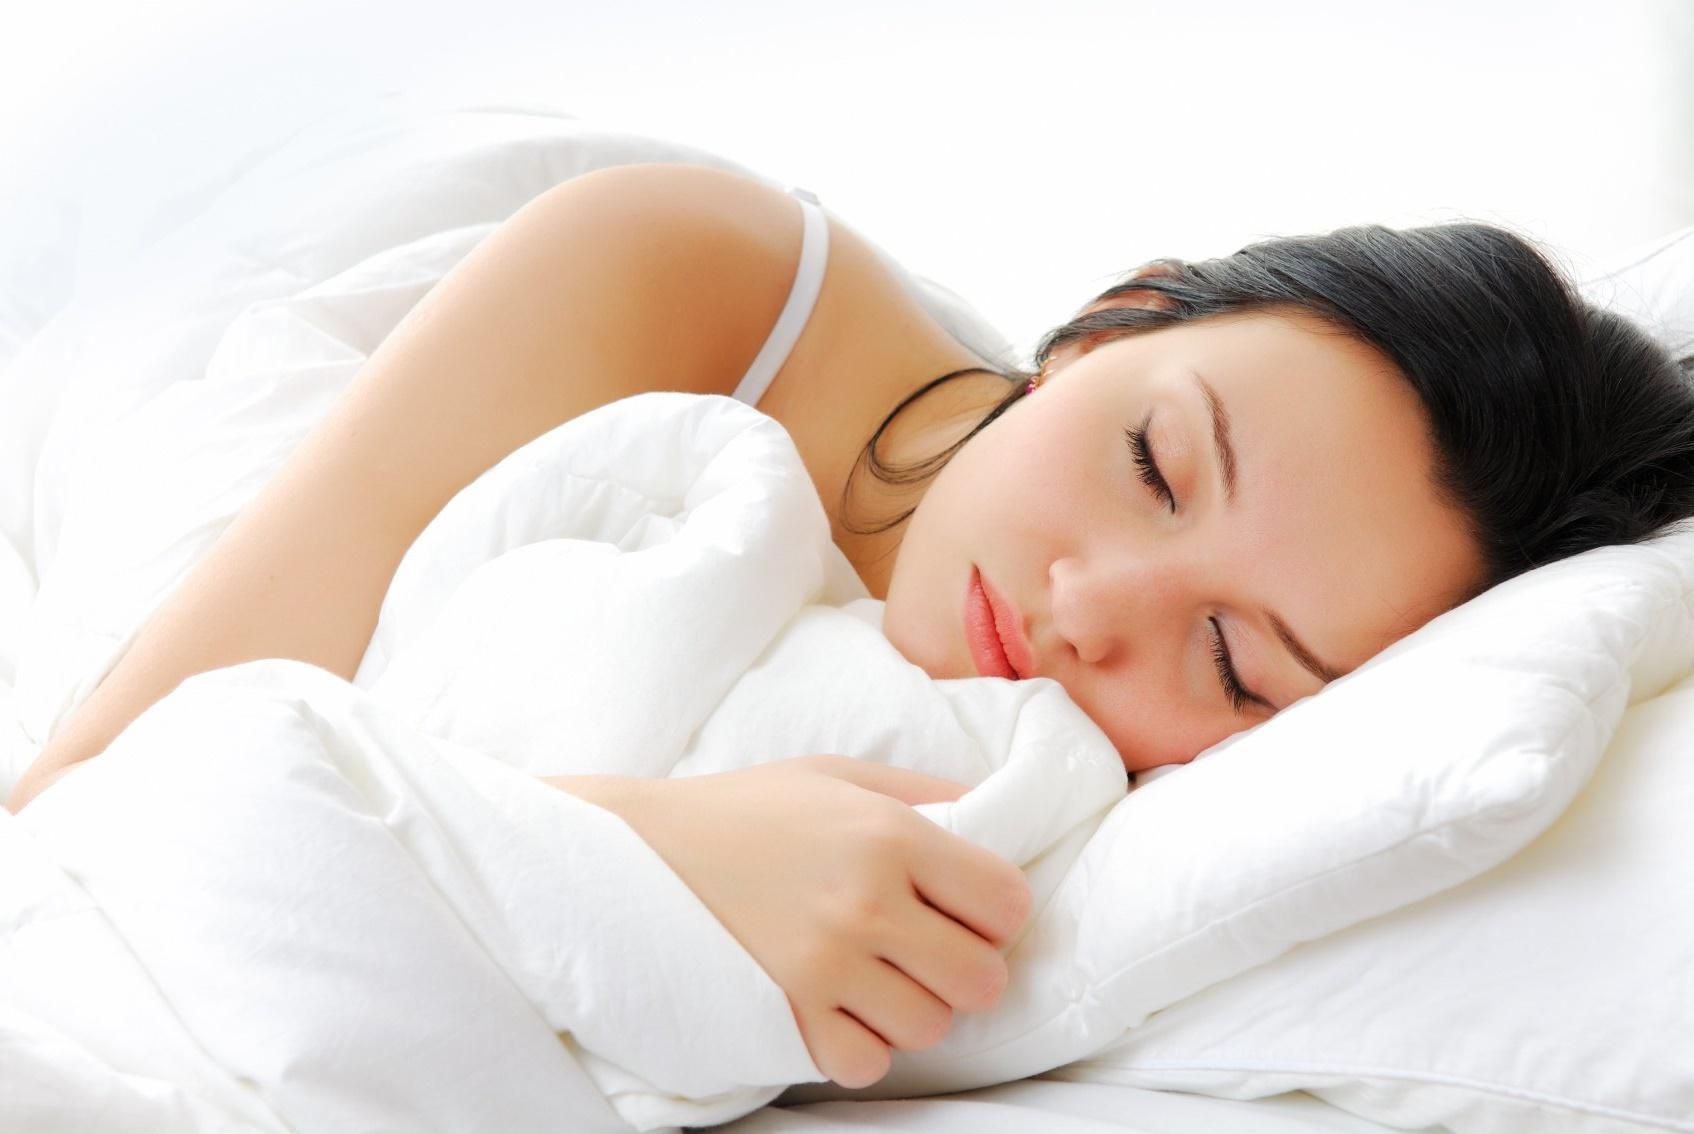 Ngủ nướng là thói quen xấu dễ có trong ngày tết